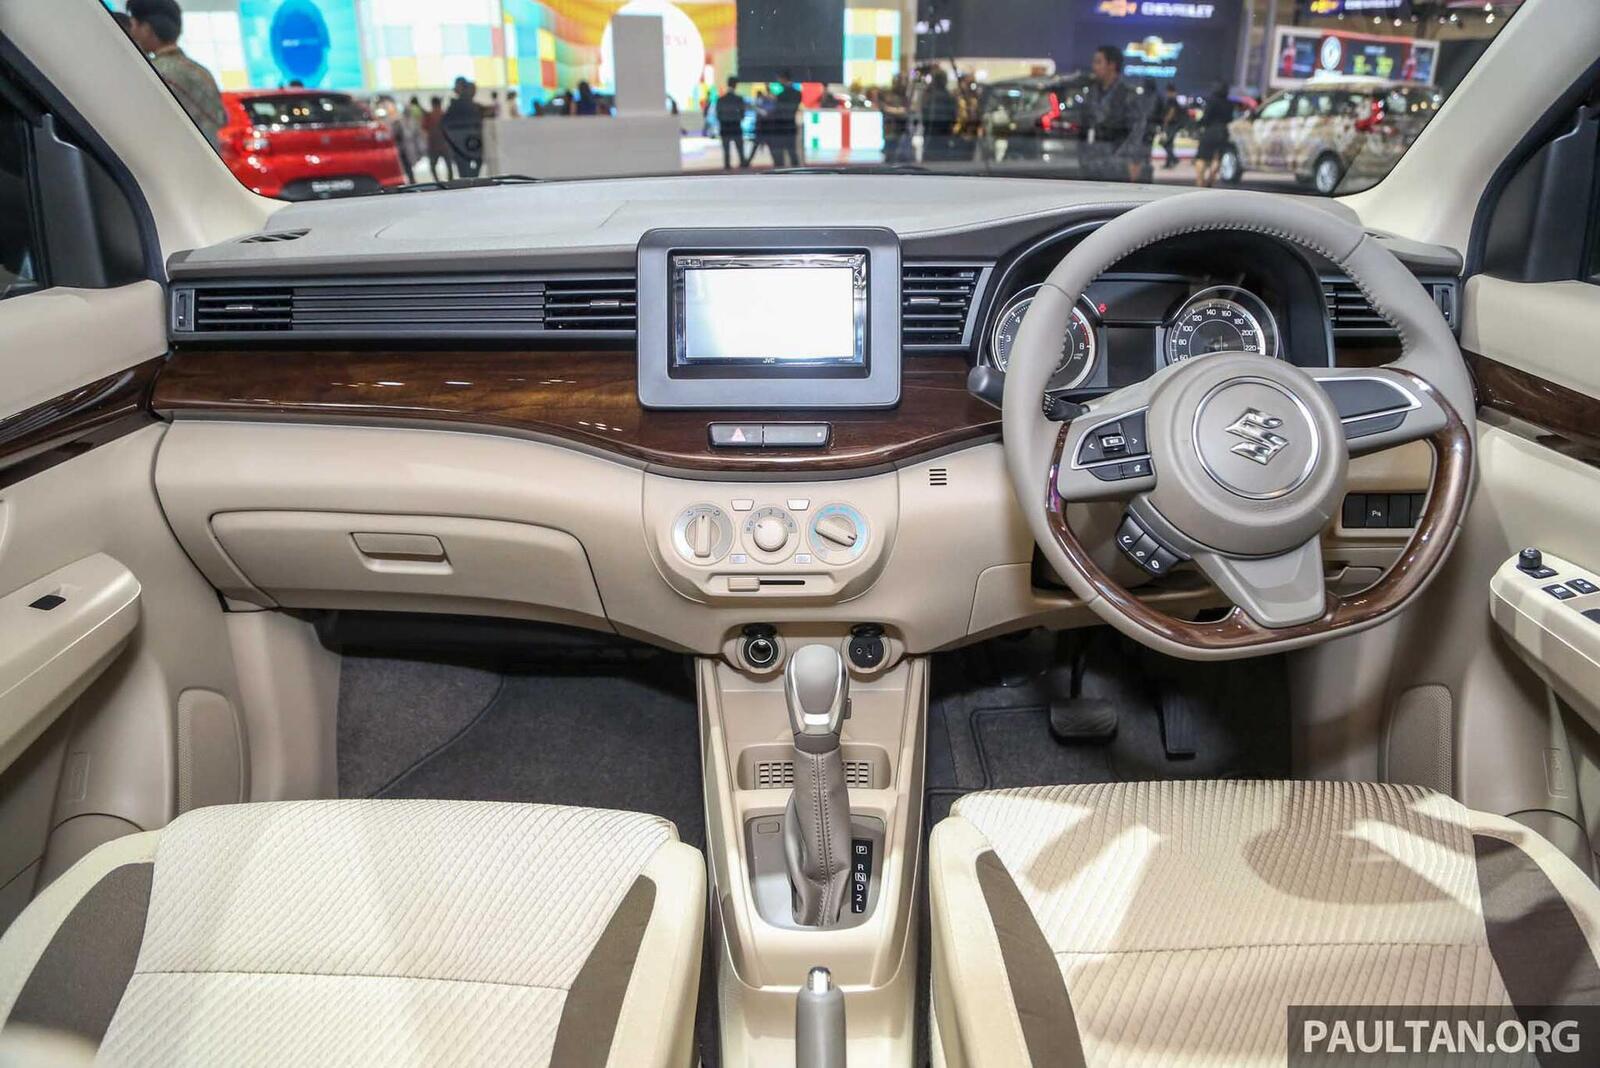 Suzuki Ertiga thế hệ sẽ về Việt Nam trong năm nay; cạnh tranh với Rush và Xpander - Hình 7